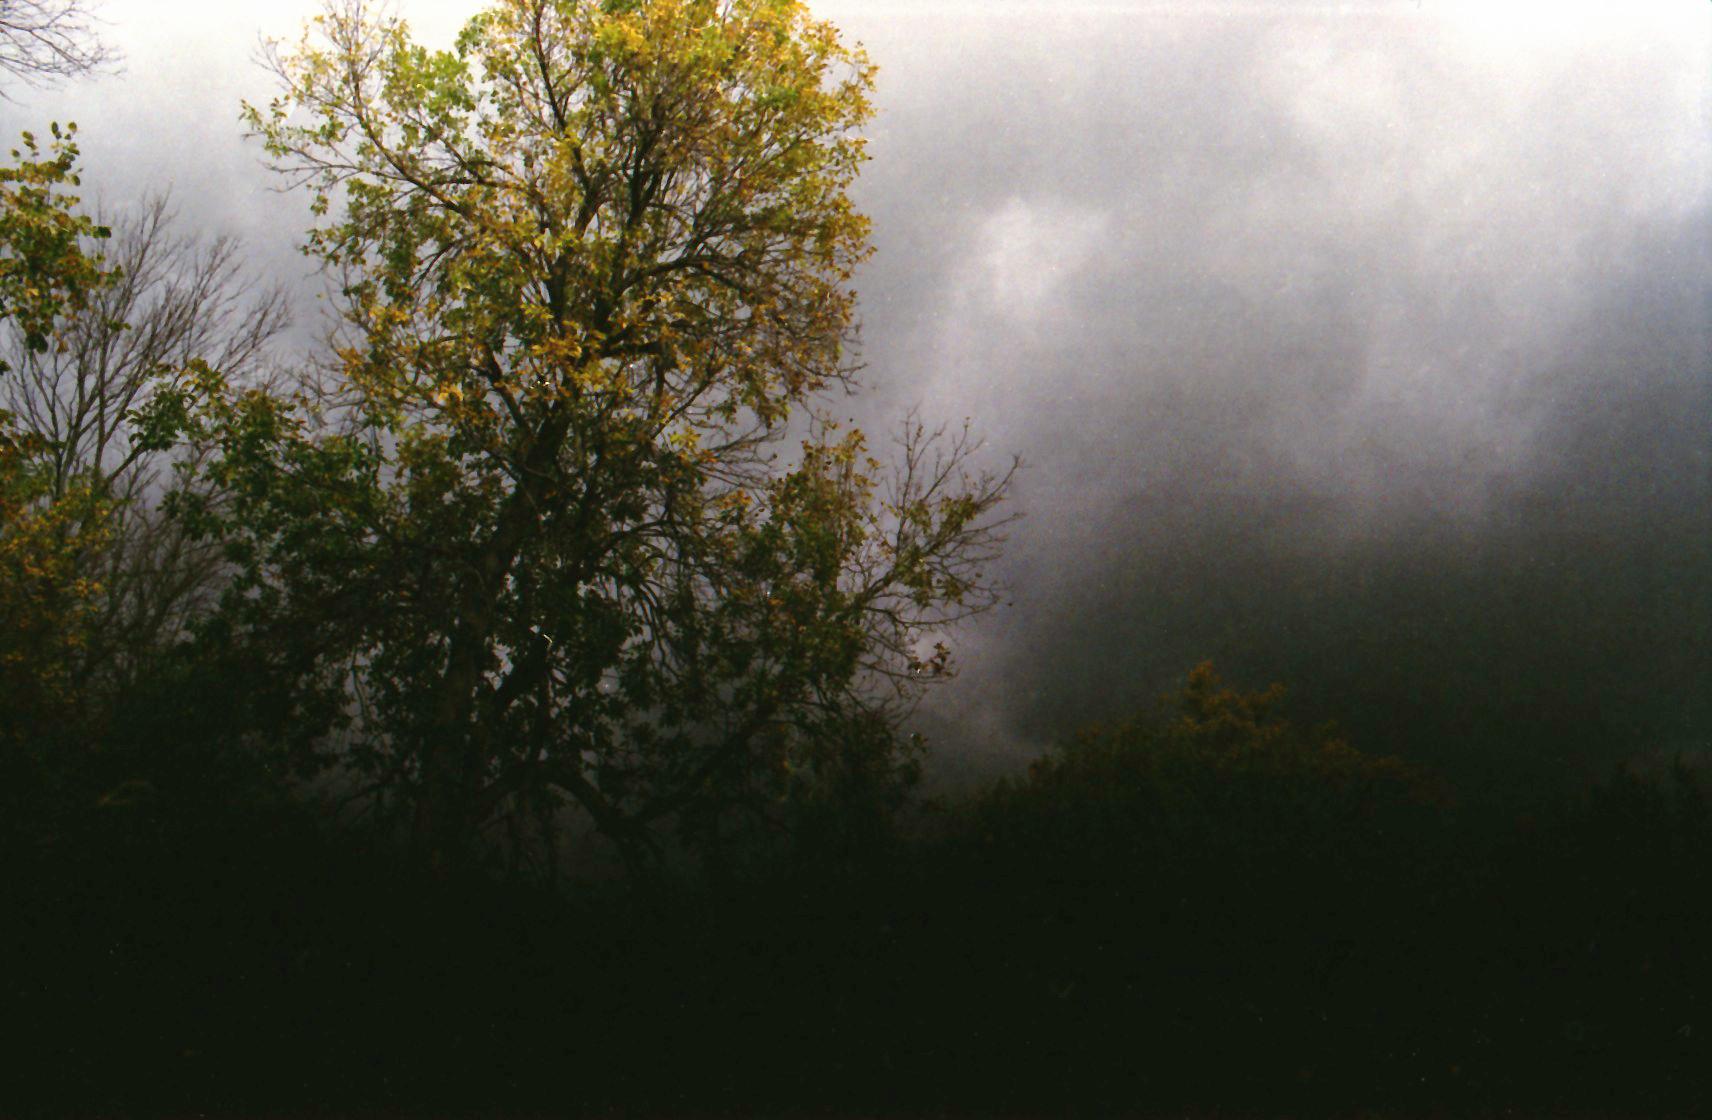 darktrees.jpg